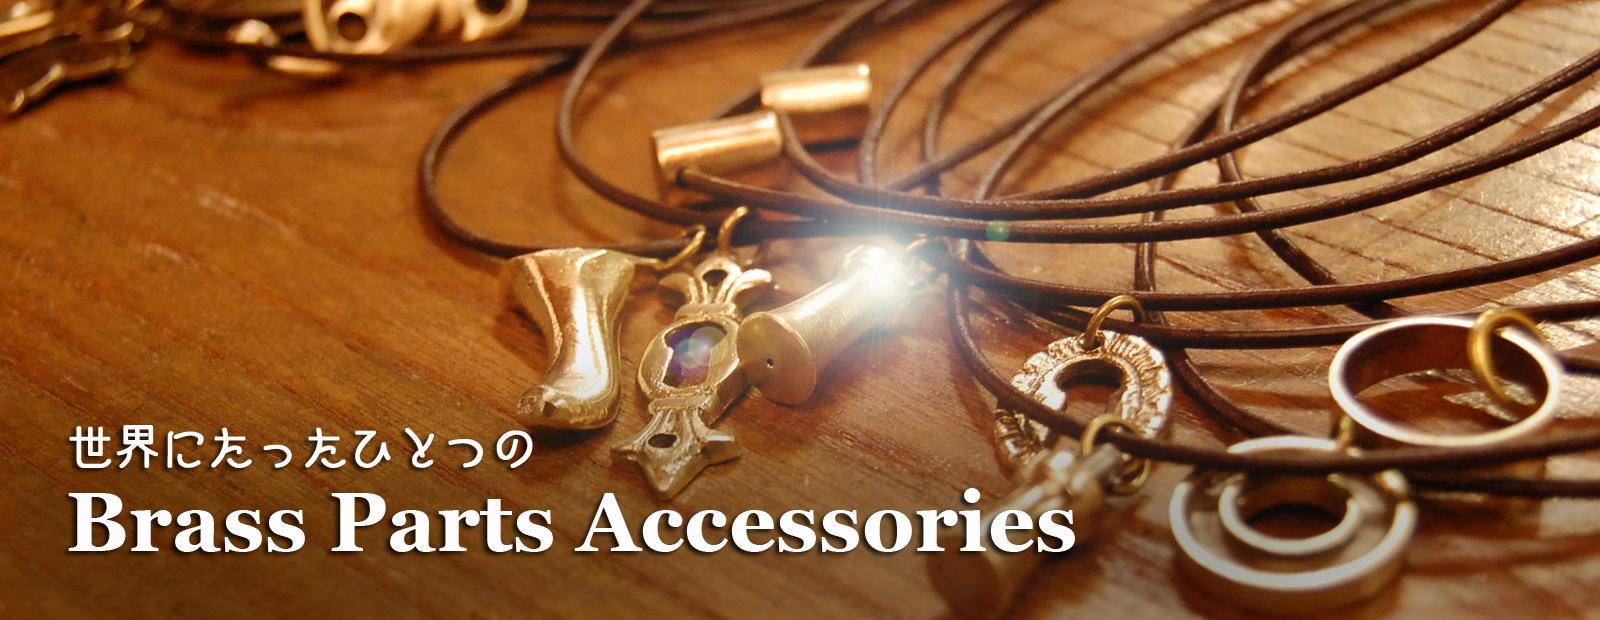 家具部品アクセサリー 真鍮部品アクセサリー 取っ手ネックレス ブラス